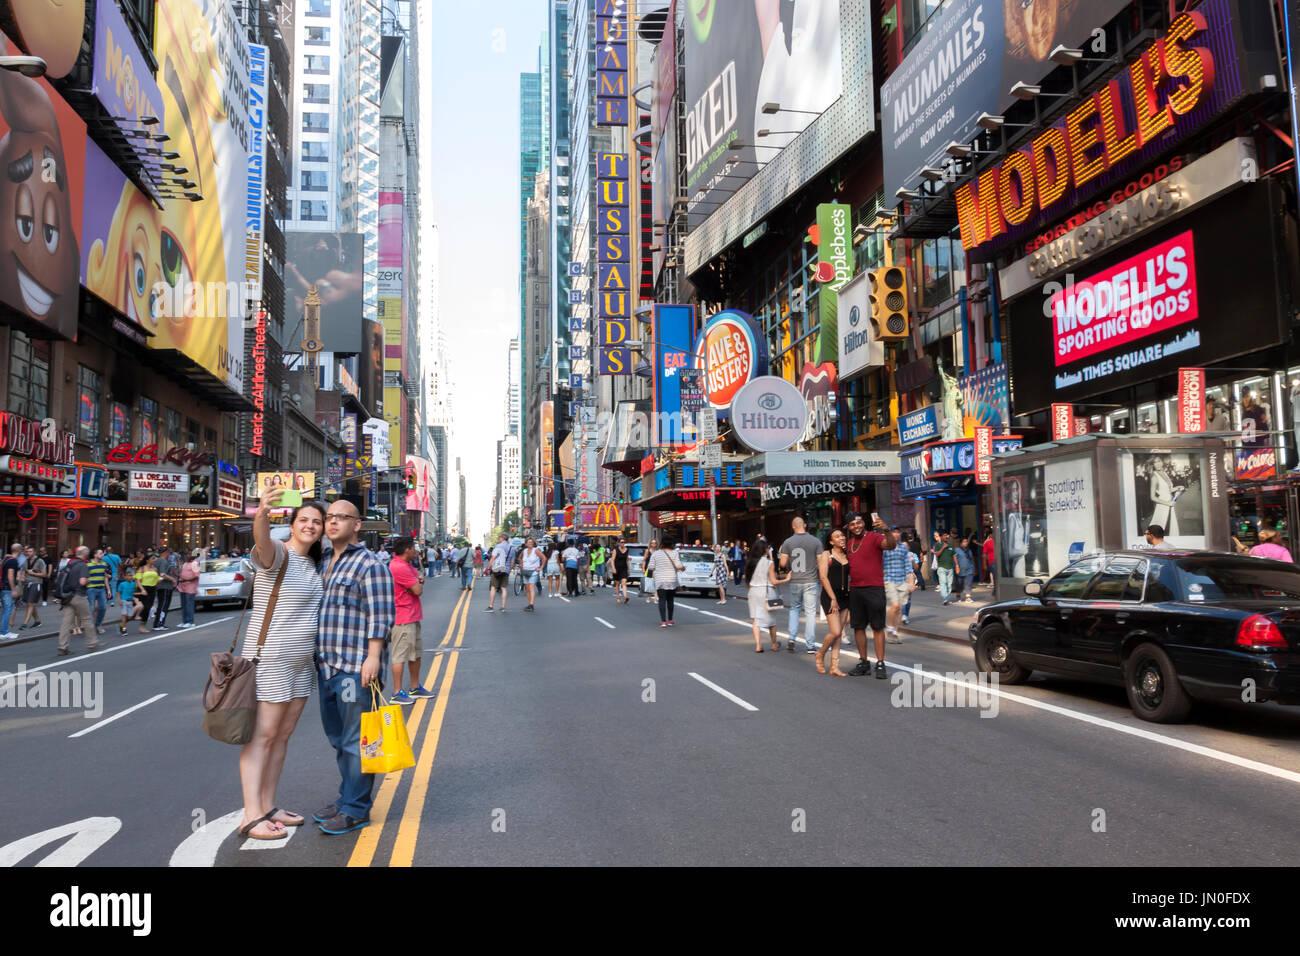 Paare unter Selfies von selbst auf den geschlossenen West 42 Street zwischen Broadway Theater District und 8th Ave., New York City Verkehr. Stockbild